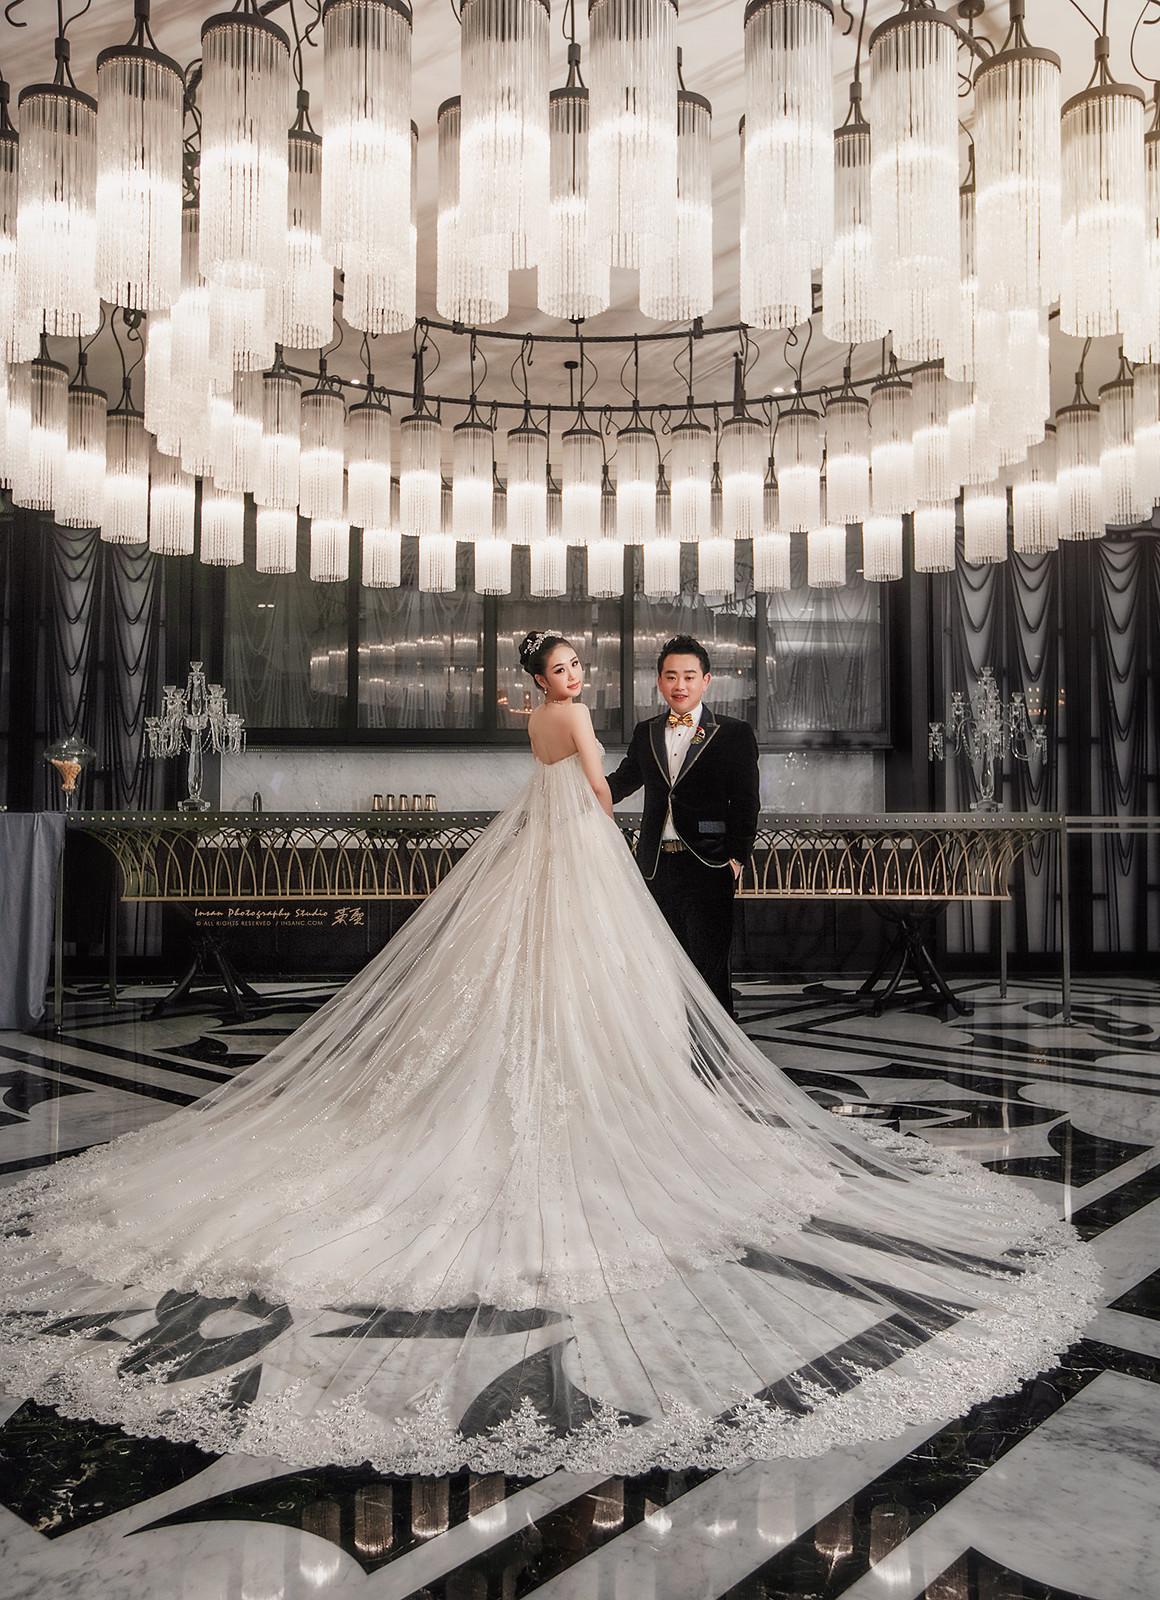 文華東方婚攝英聖-婚禮紀錄photo-20160219203959-1920